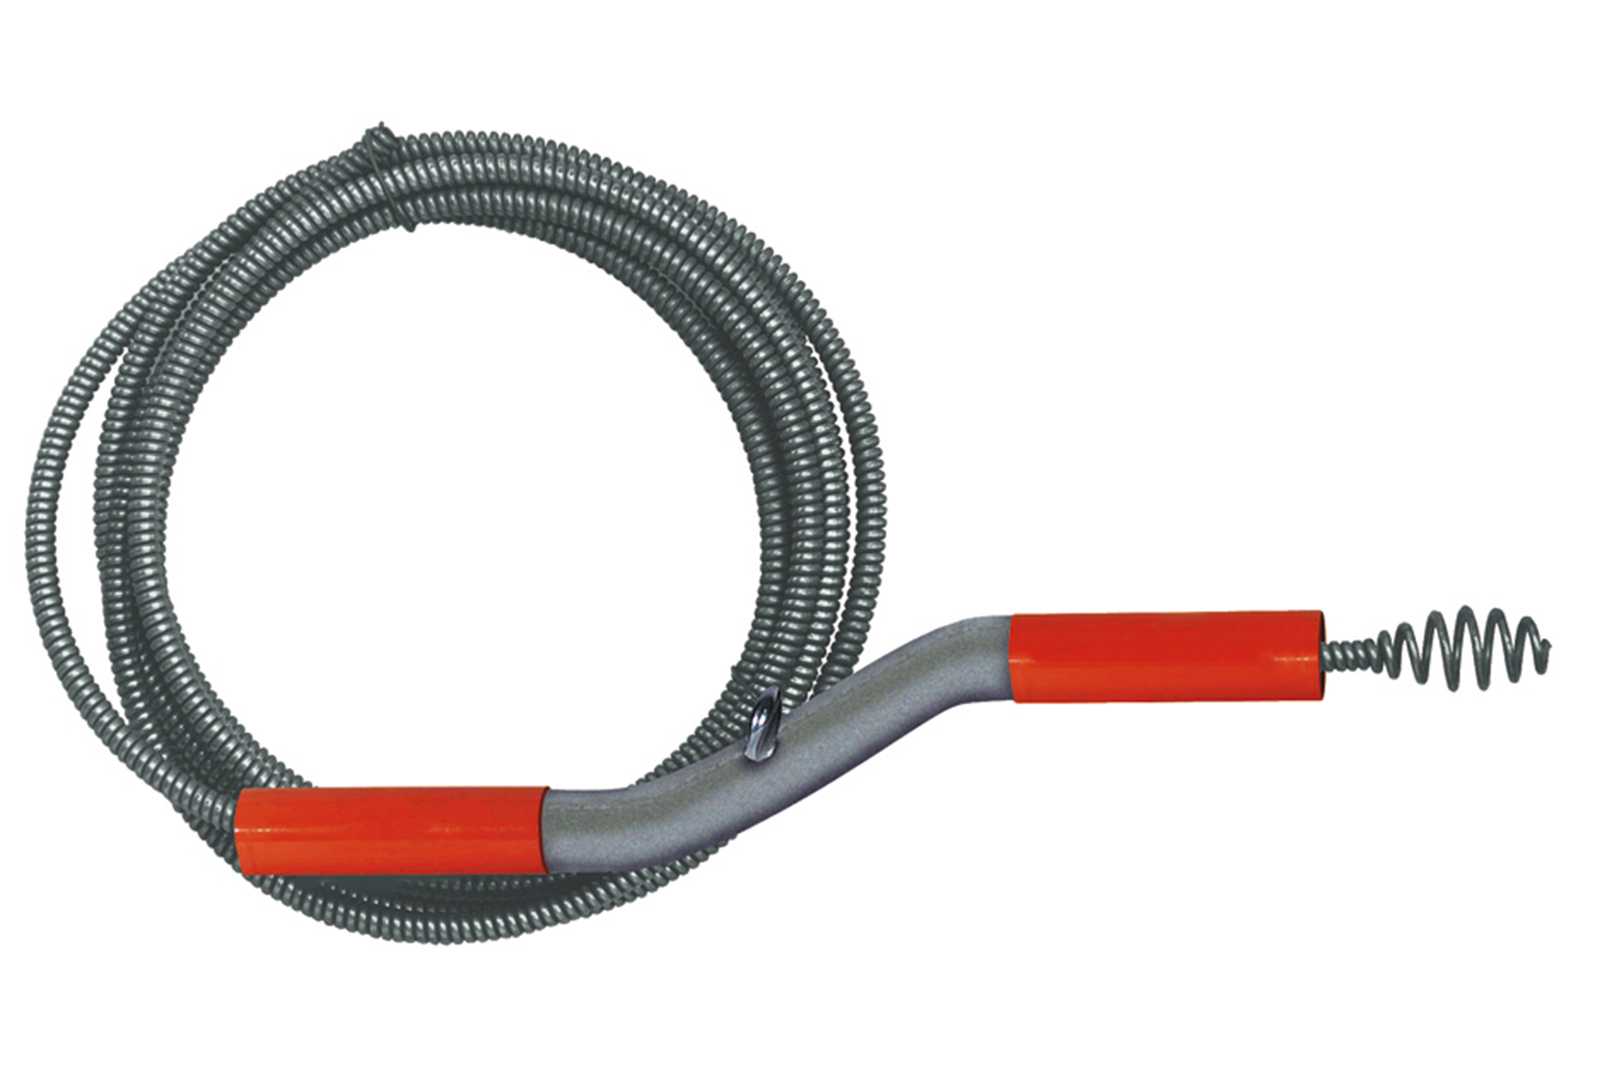 Купить Трос для прочистки General pipe 25fl2-dh